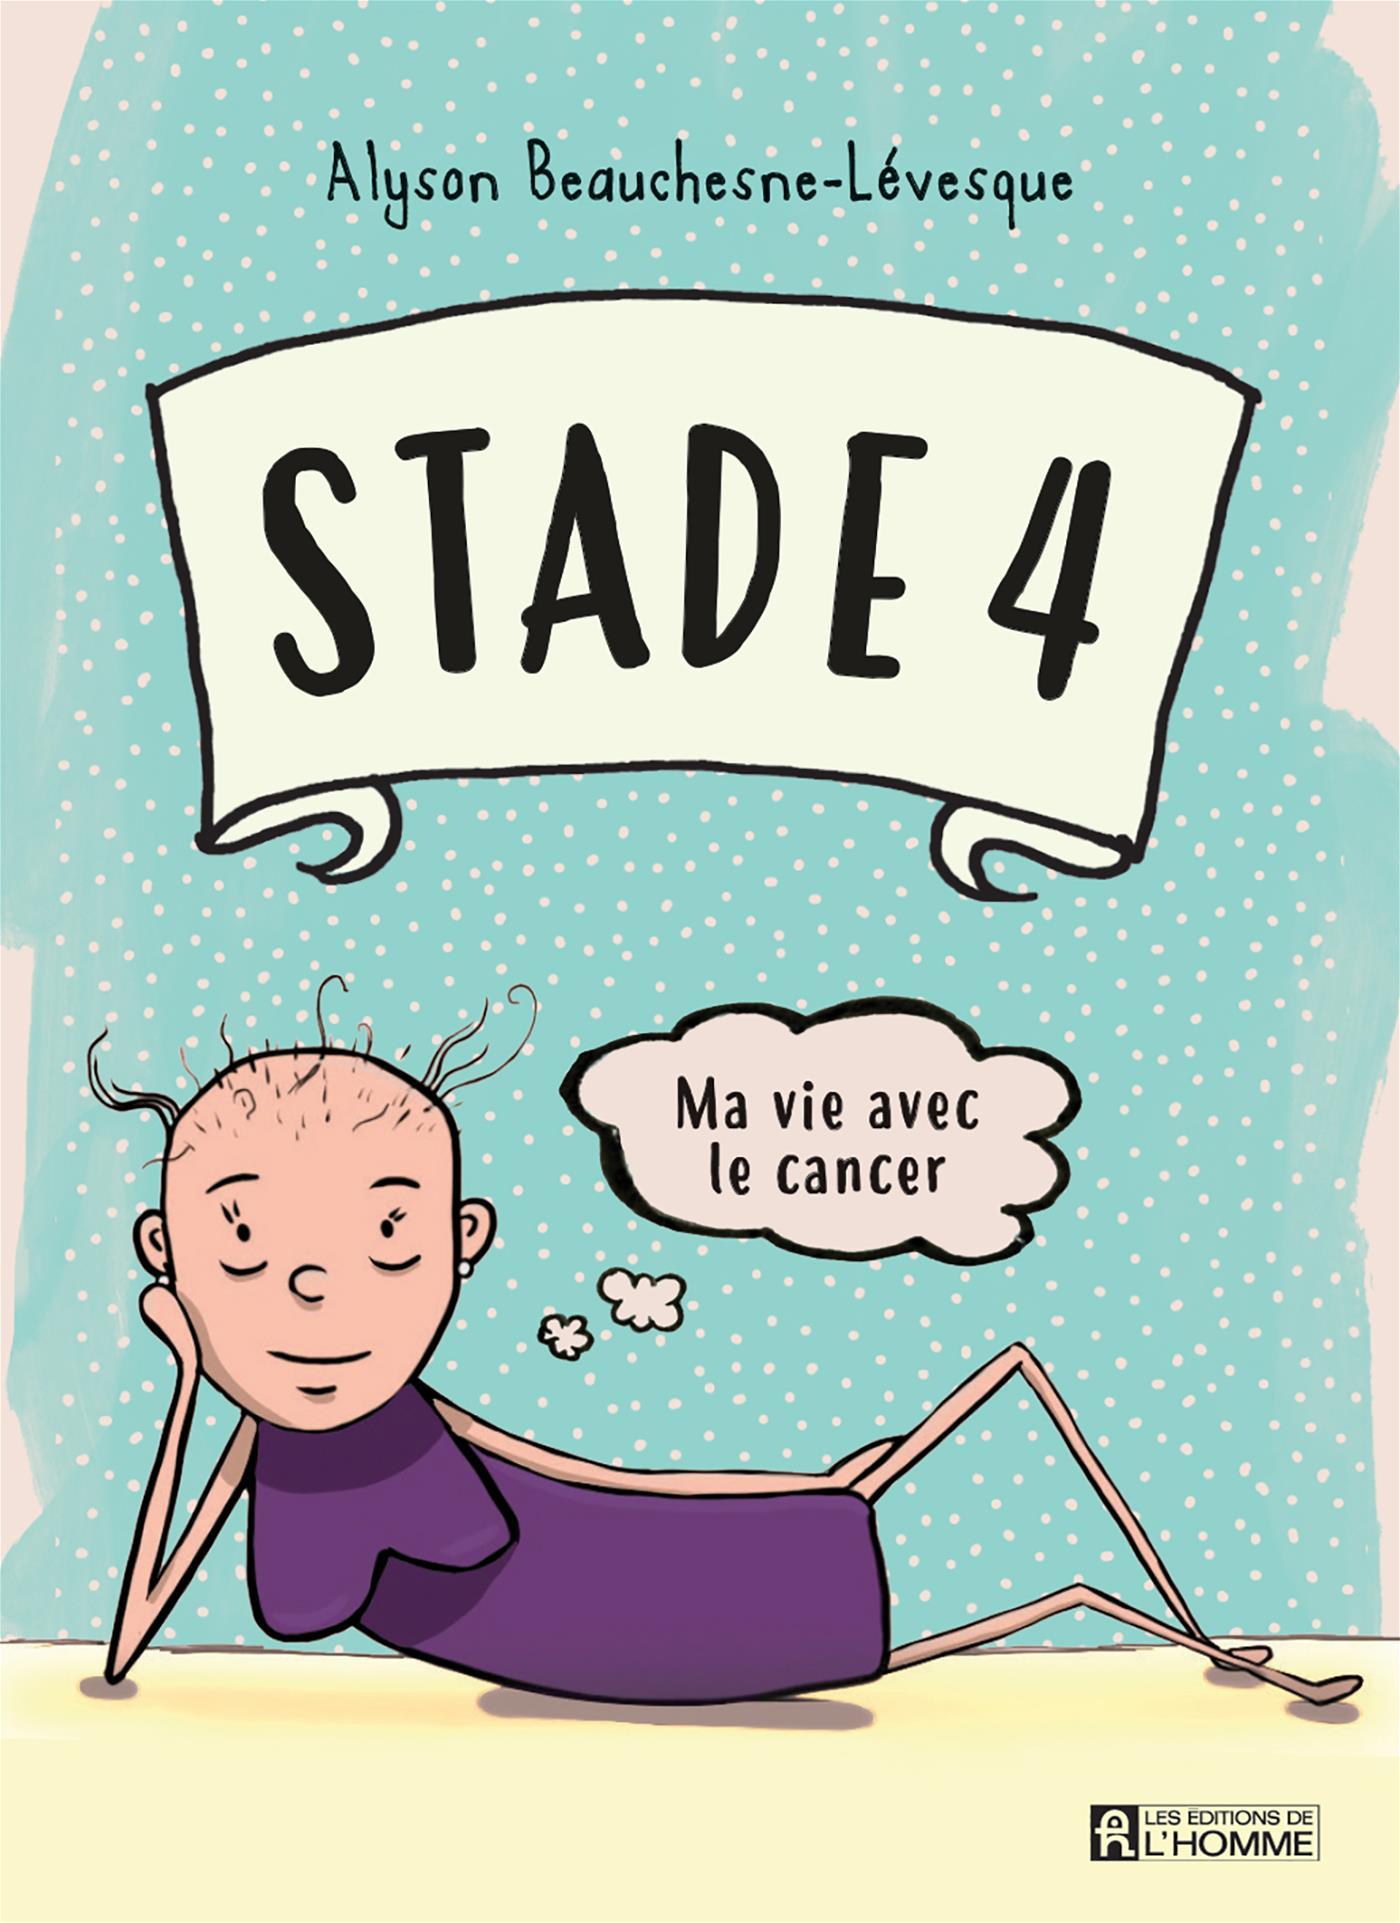 STADE 4